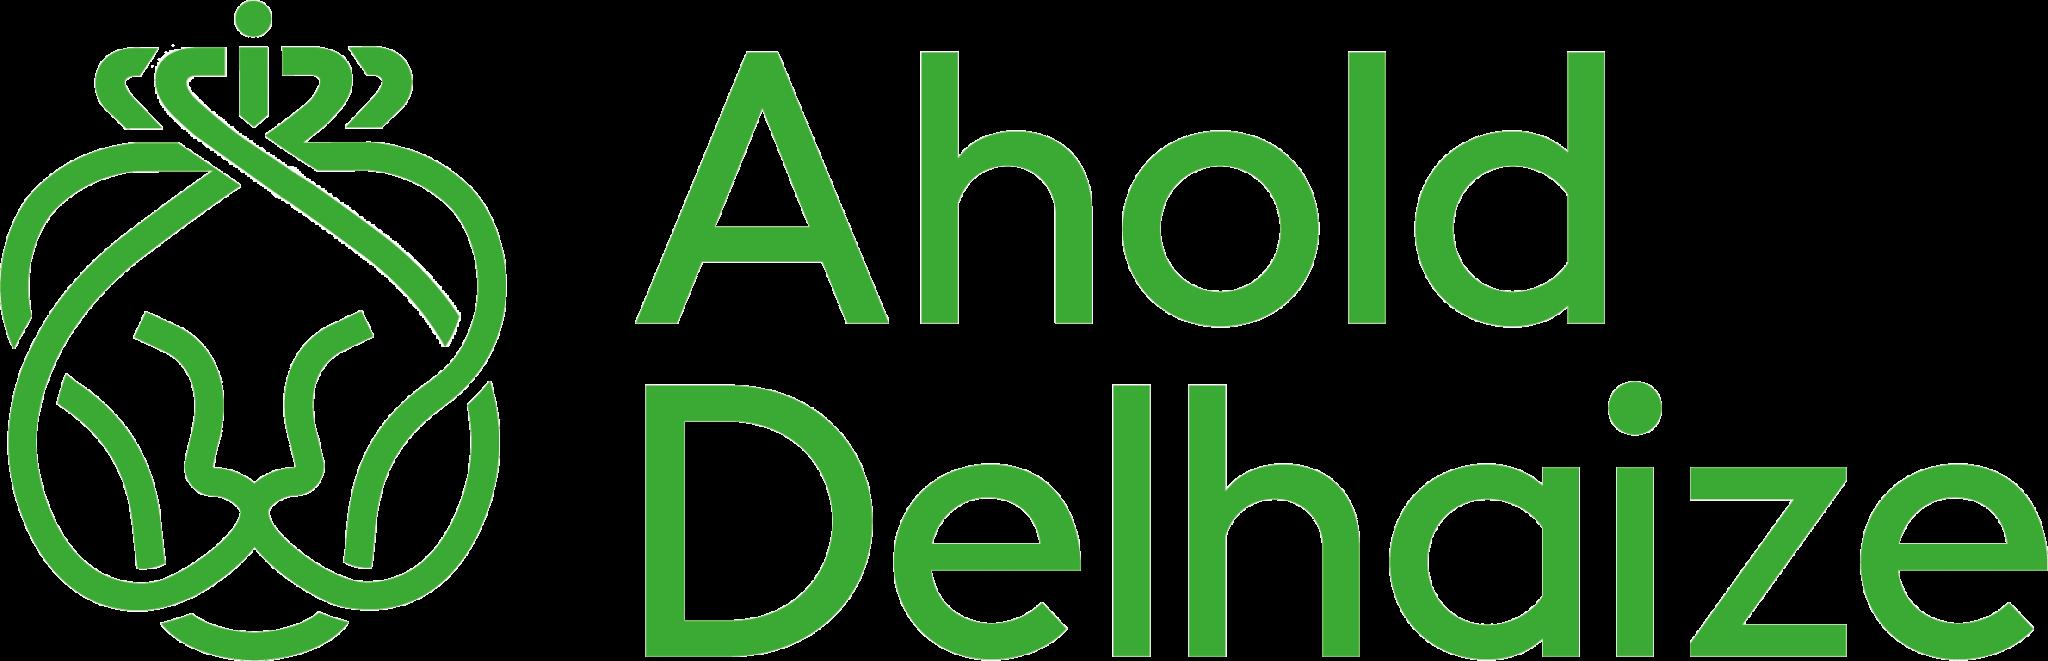 http://retailspacesolutions.com/wp-content/uploads/2020/01/ahold-delhaize-logo.png Logo